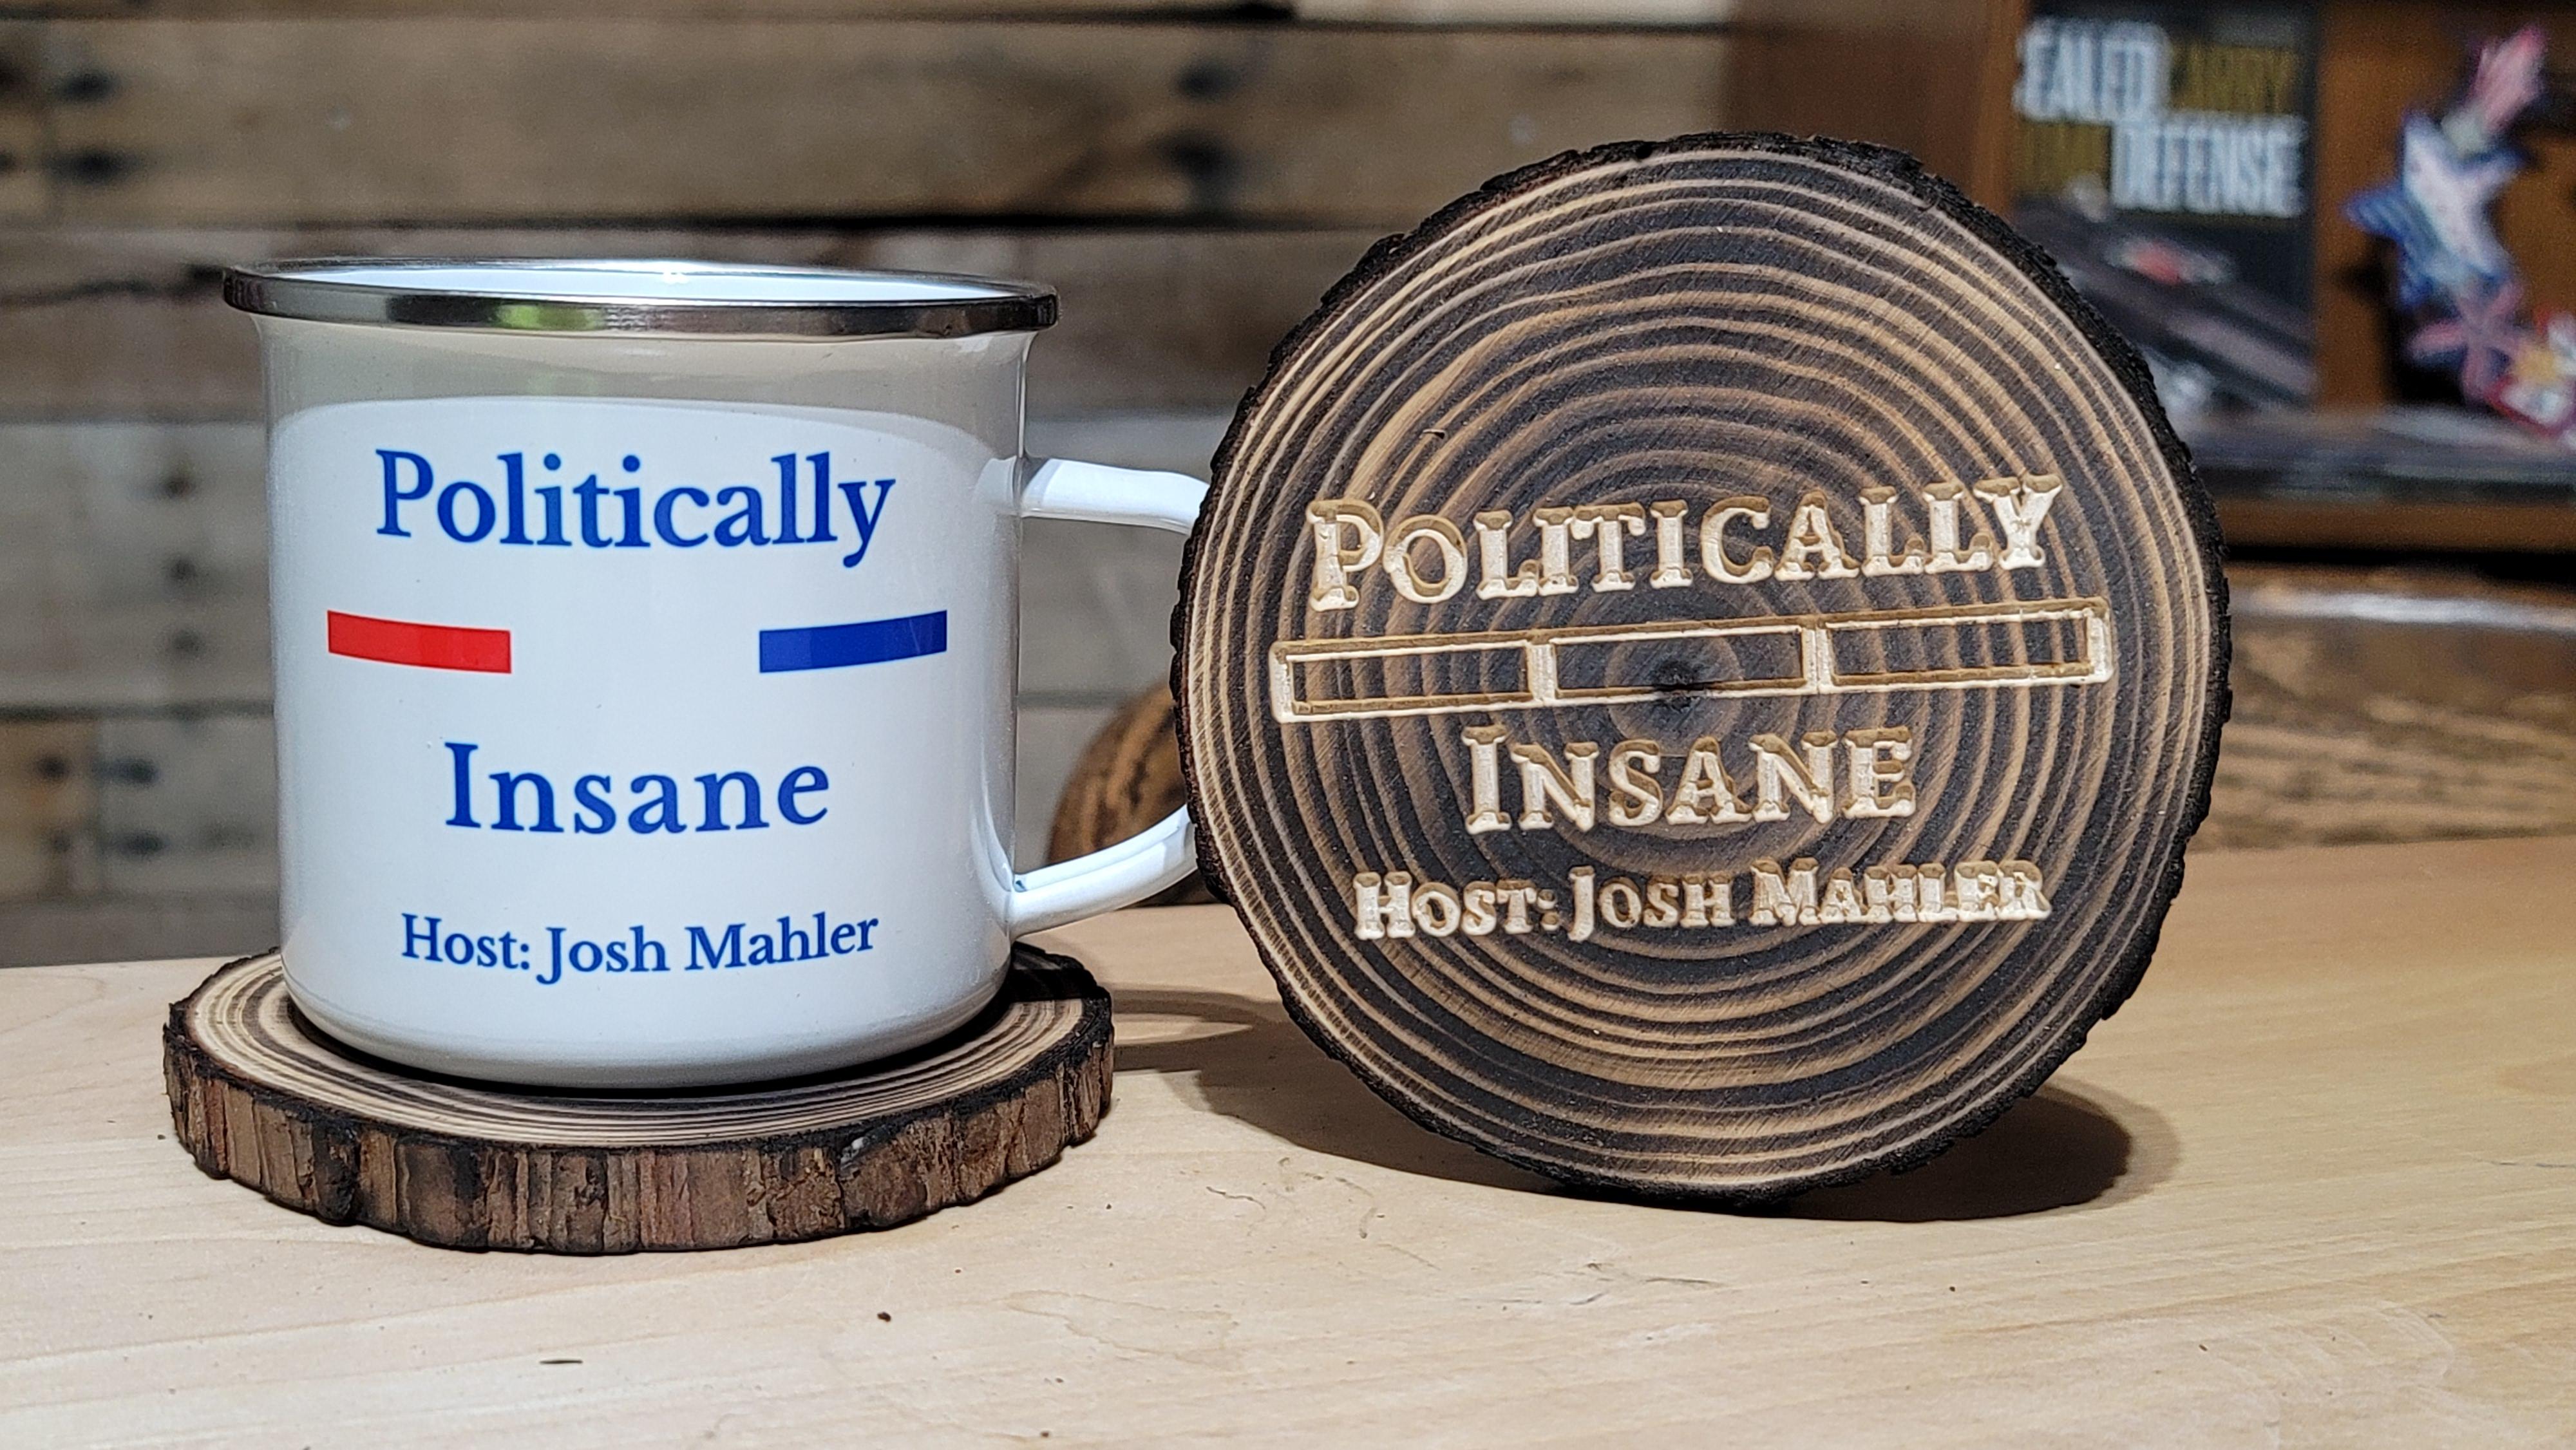 Recieve a Politically Insane coaster when you donate $25 or more!